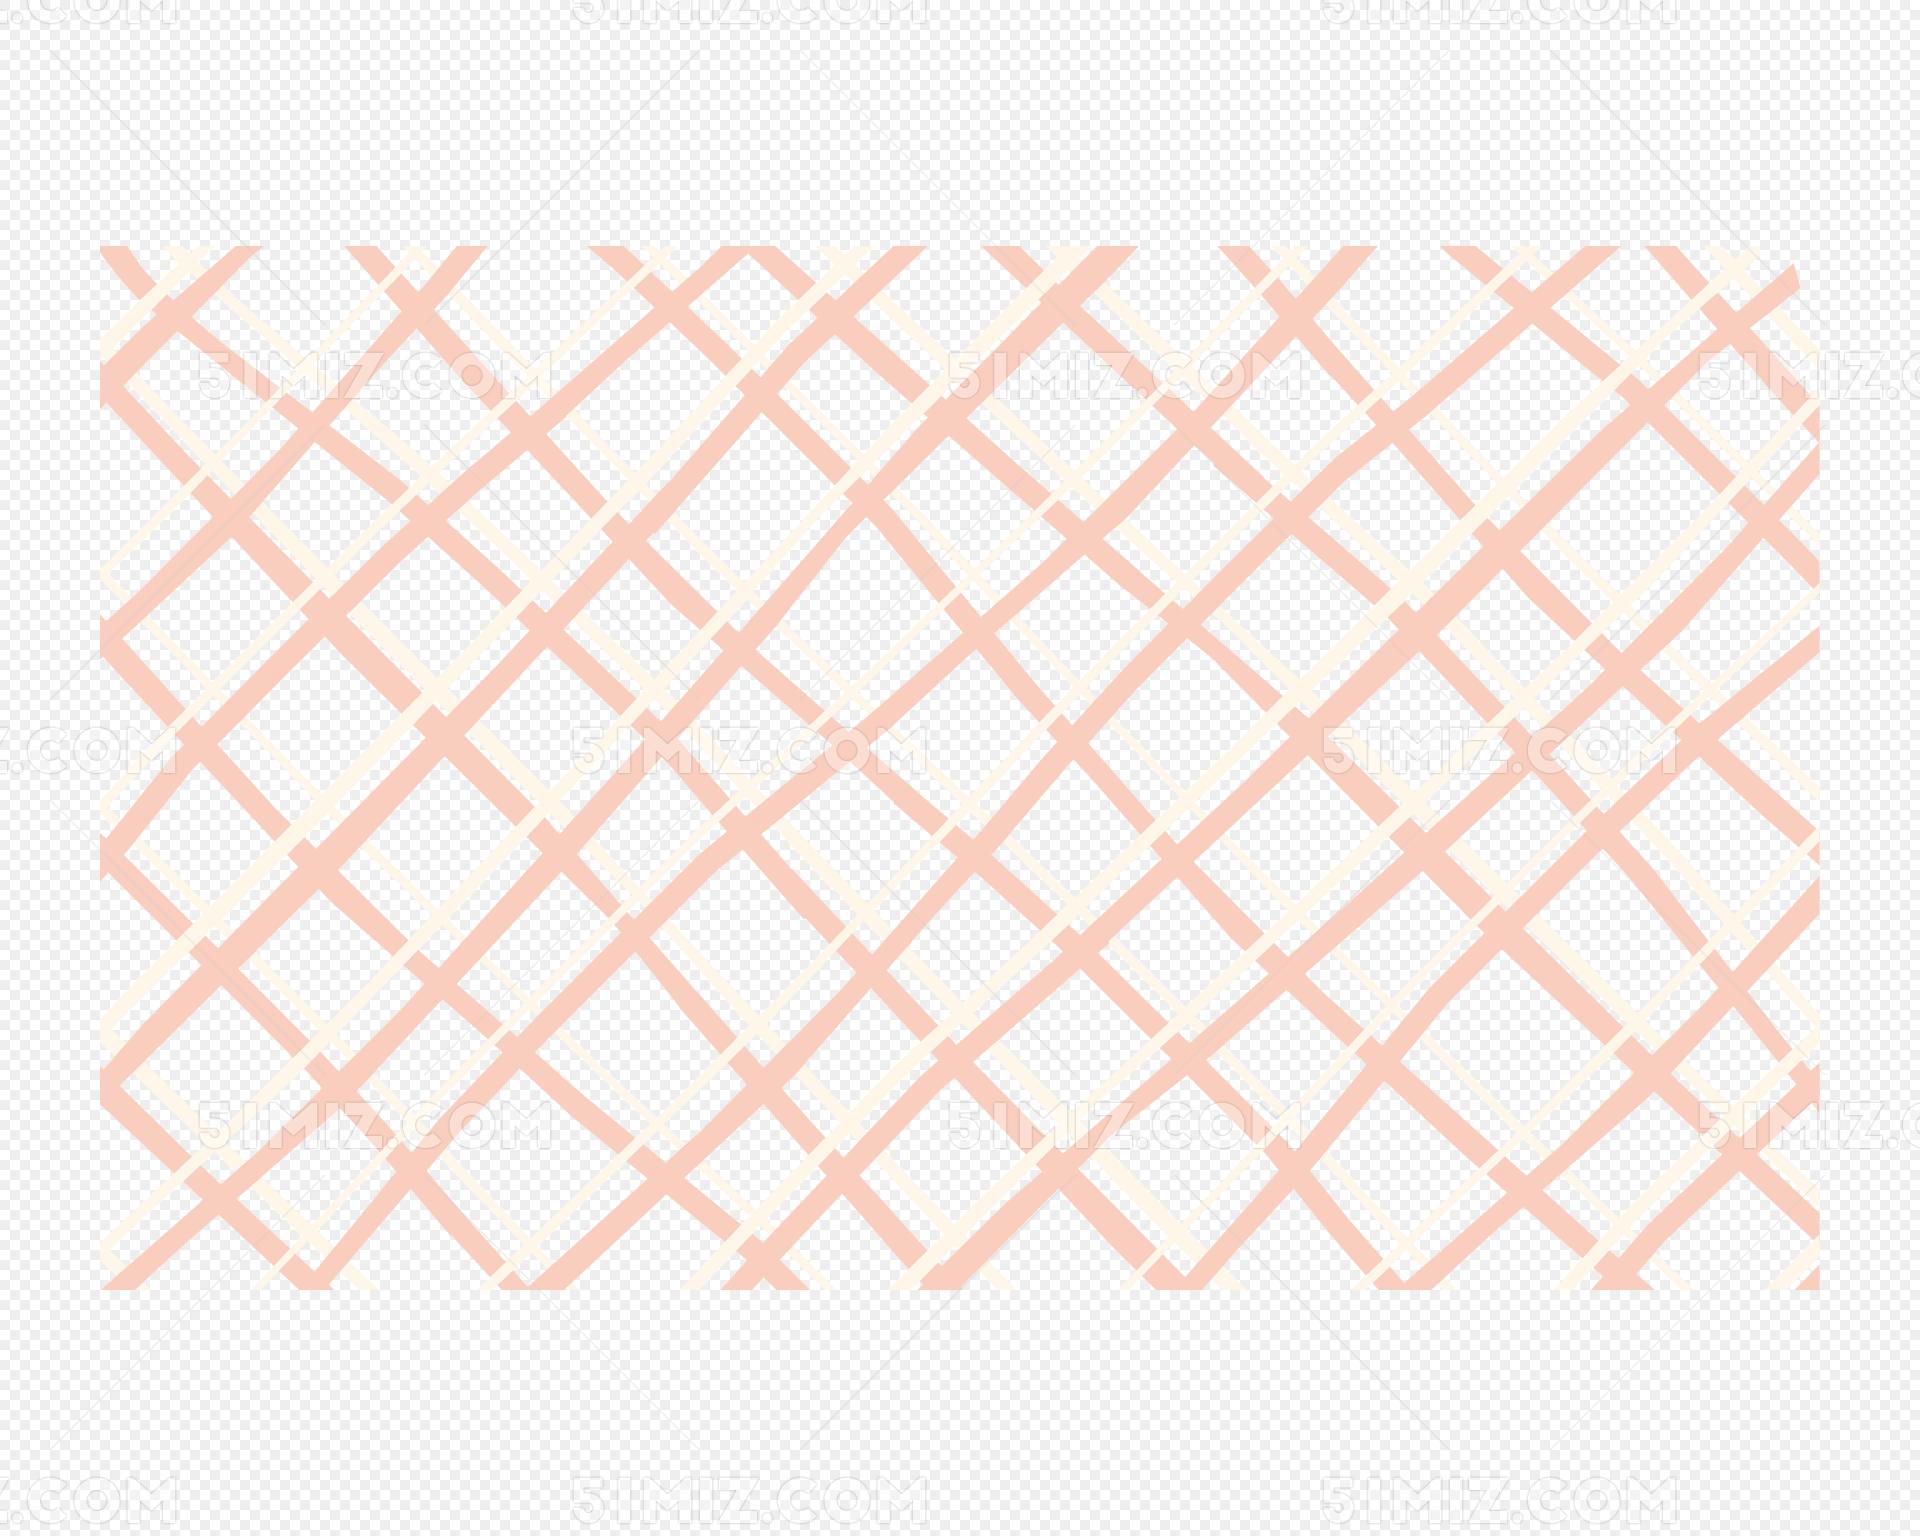 矢量手绘粉色网格图片素材免费下载 觅知网